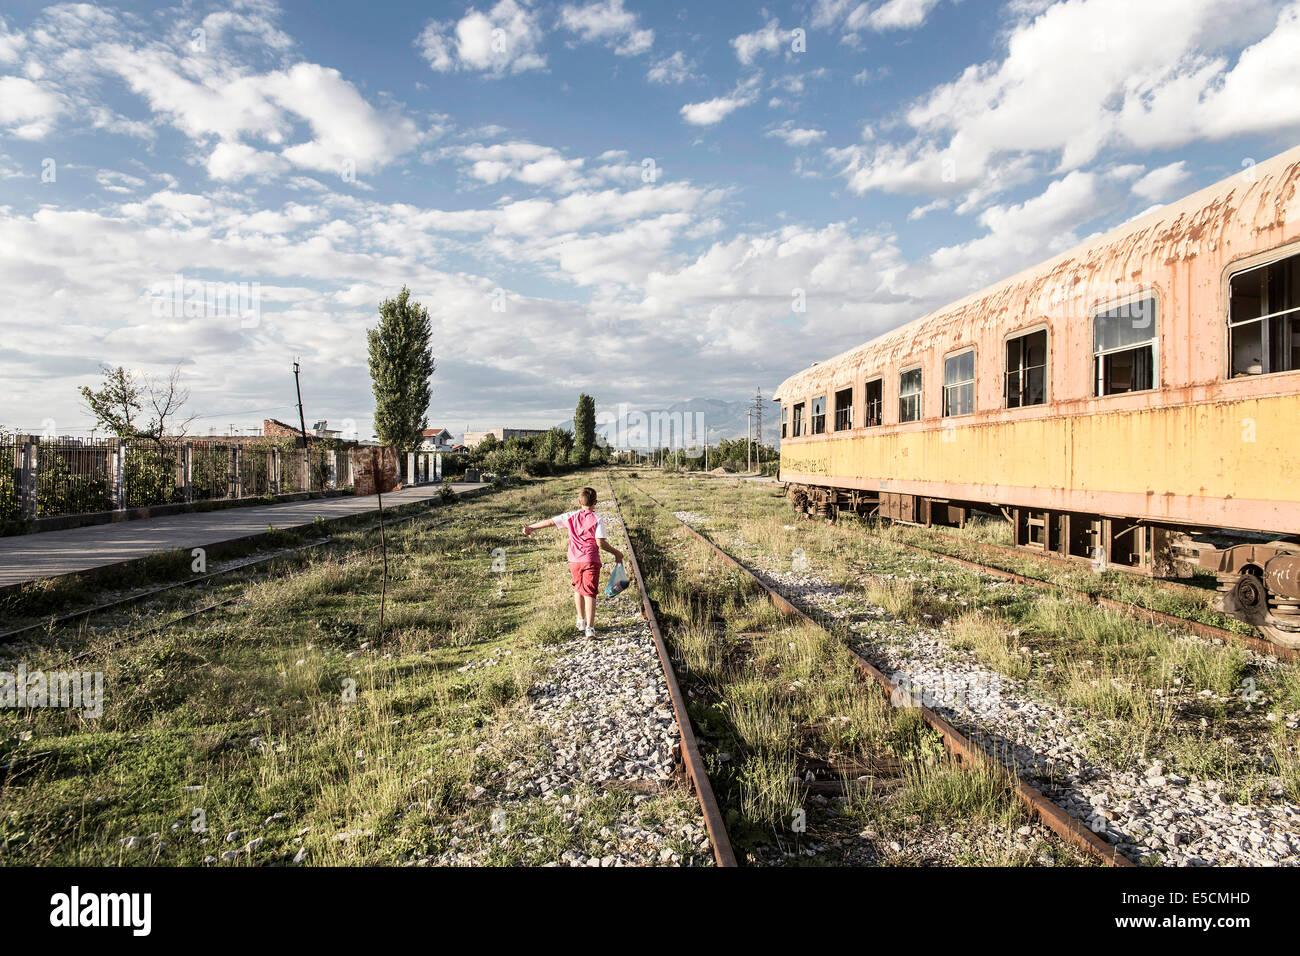 Zug von Tirana nach Shkoder, eines der wenigen Zugverbindungen im Land, Albanien Stockbild